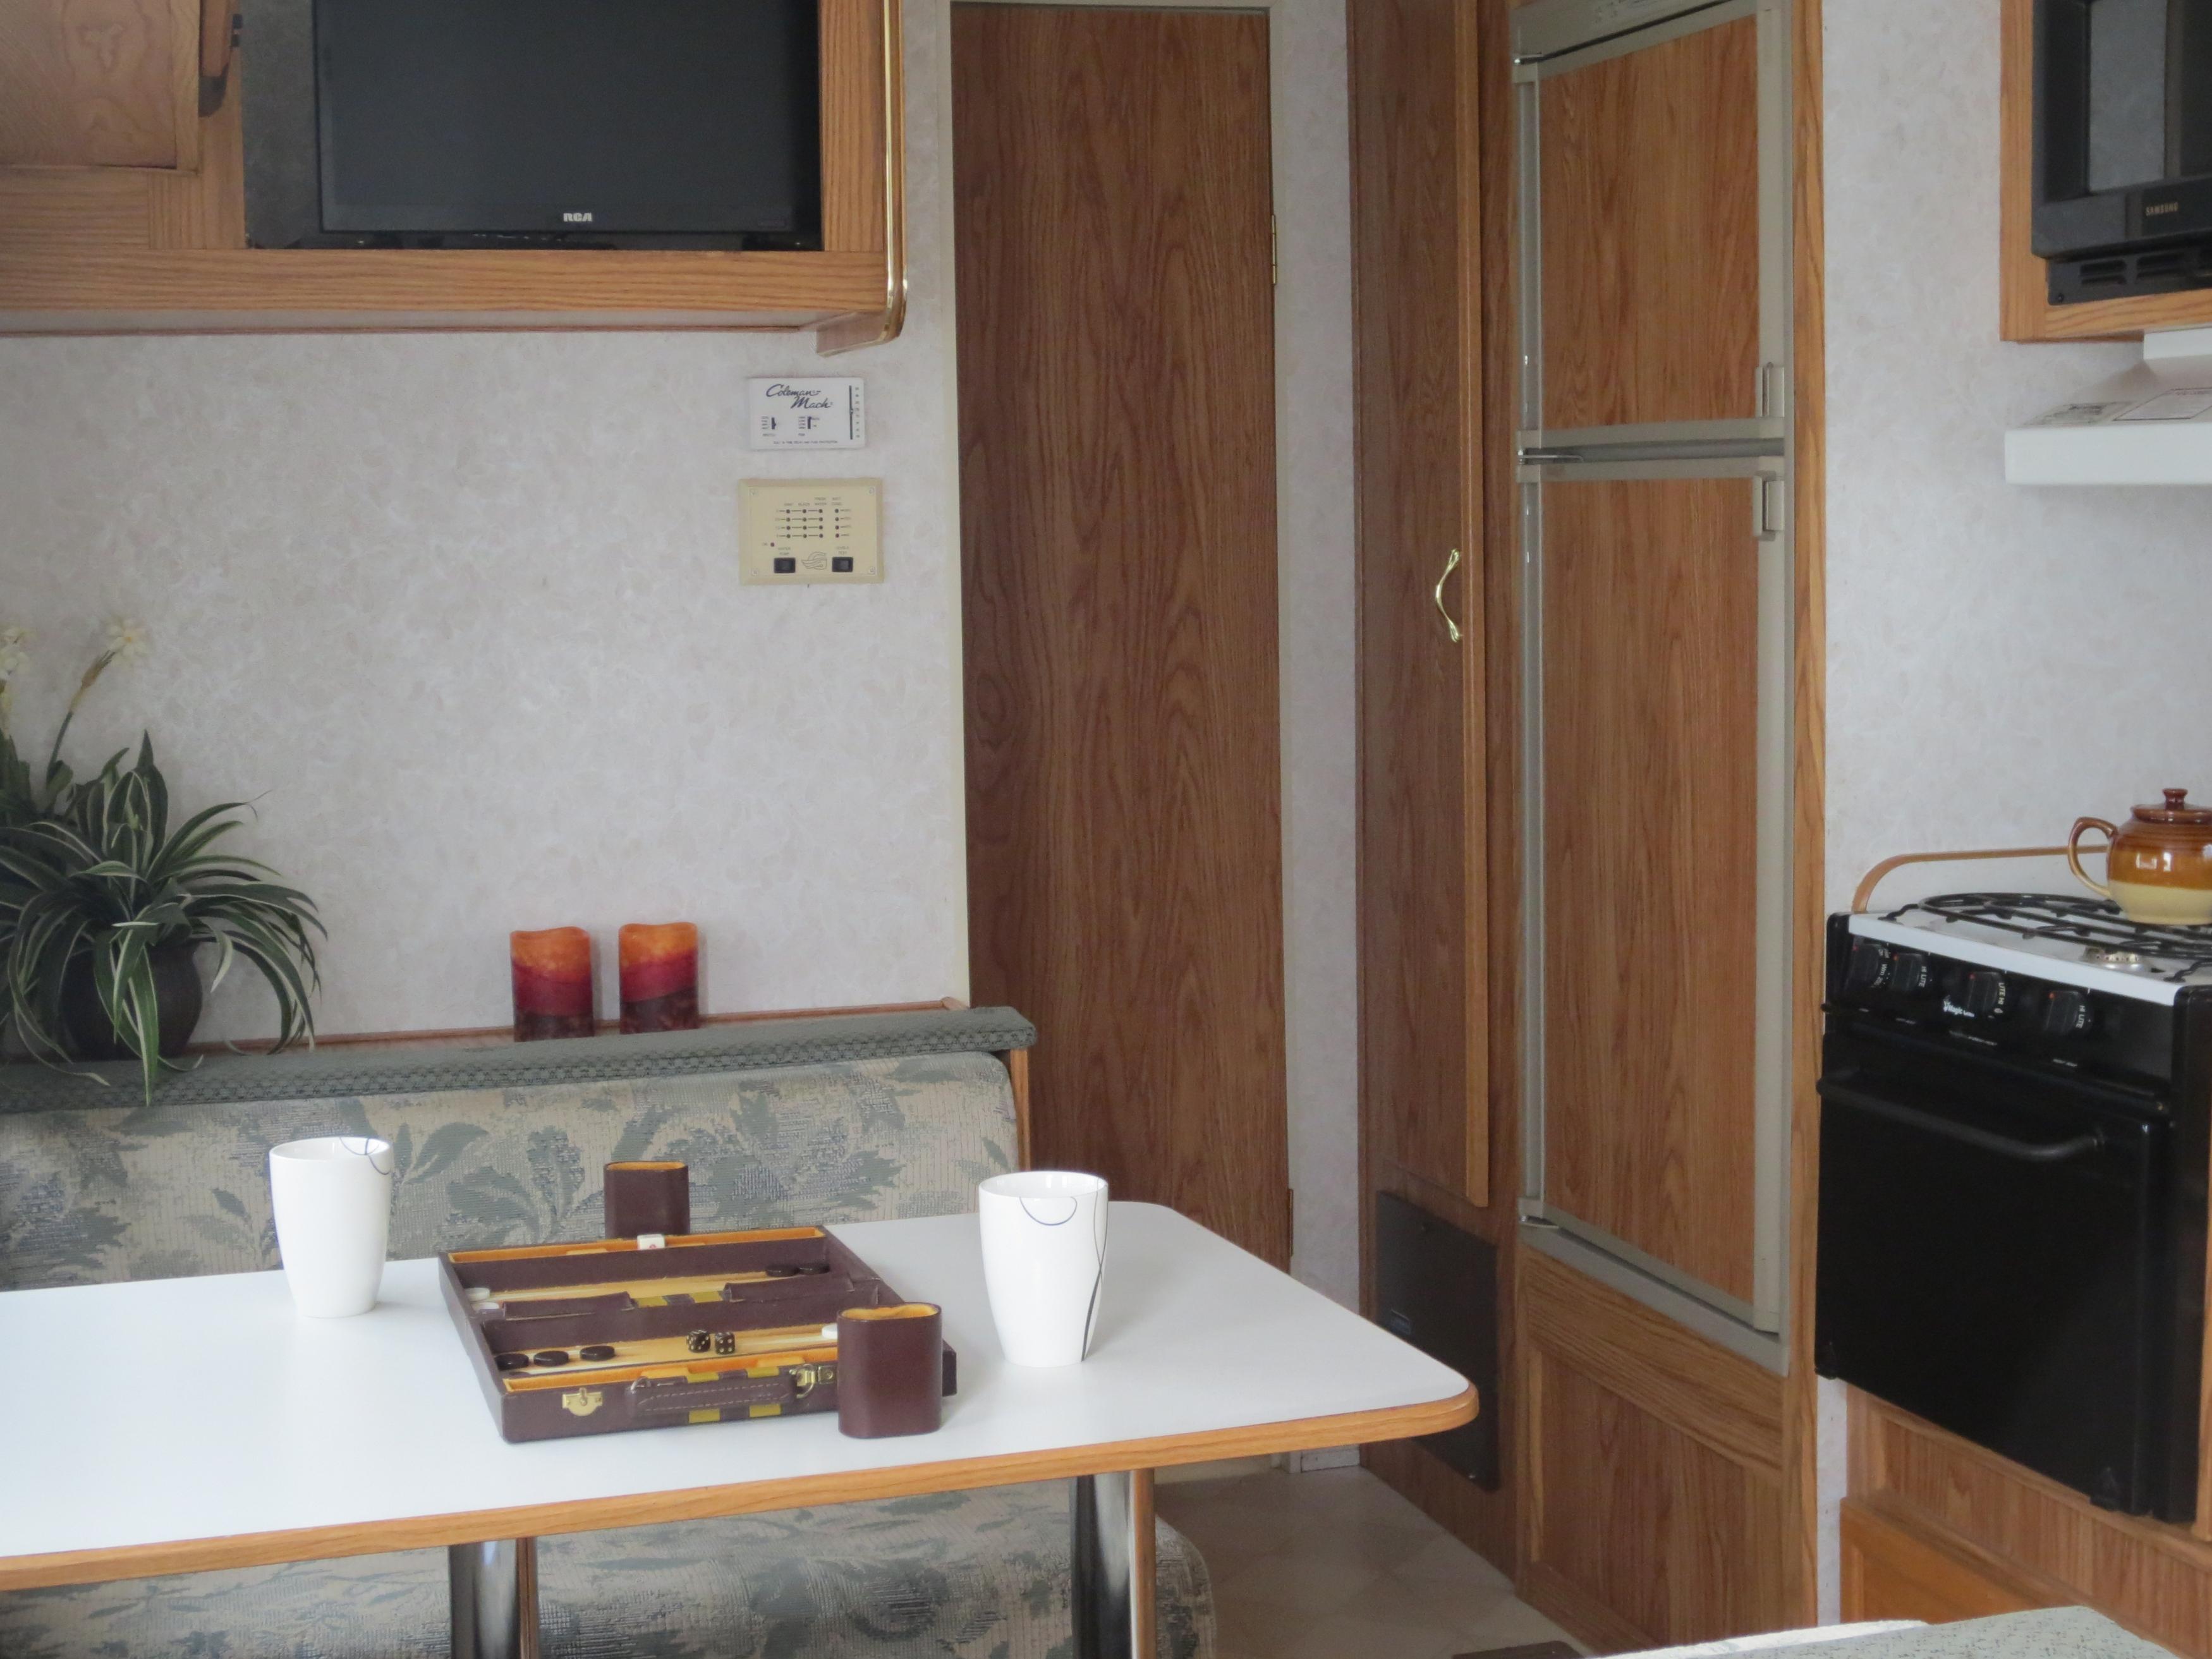 27' Gulfstream Trailer Kitchen & Dinette View